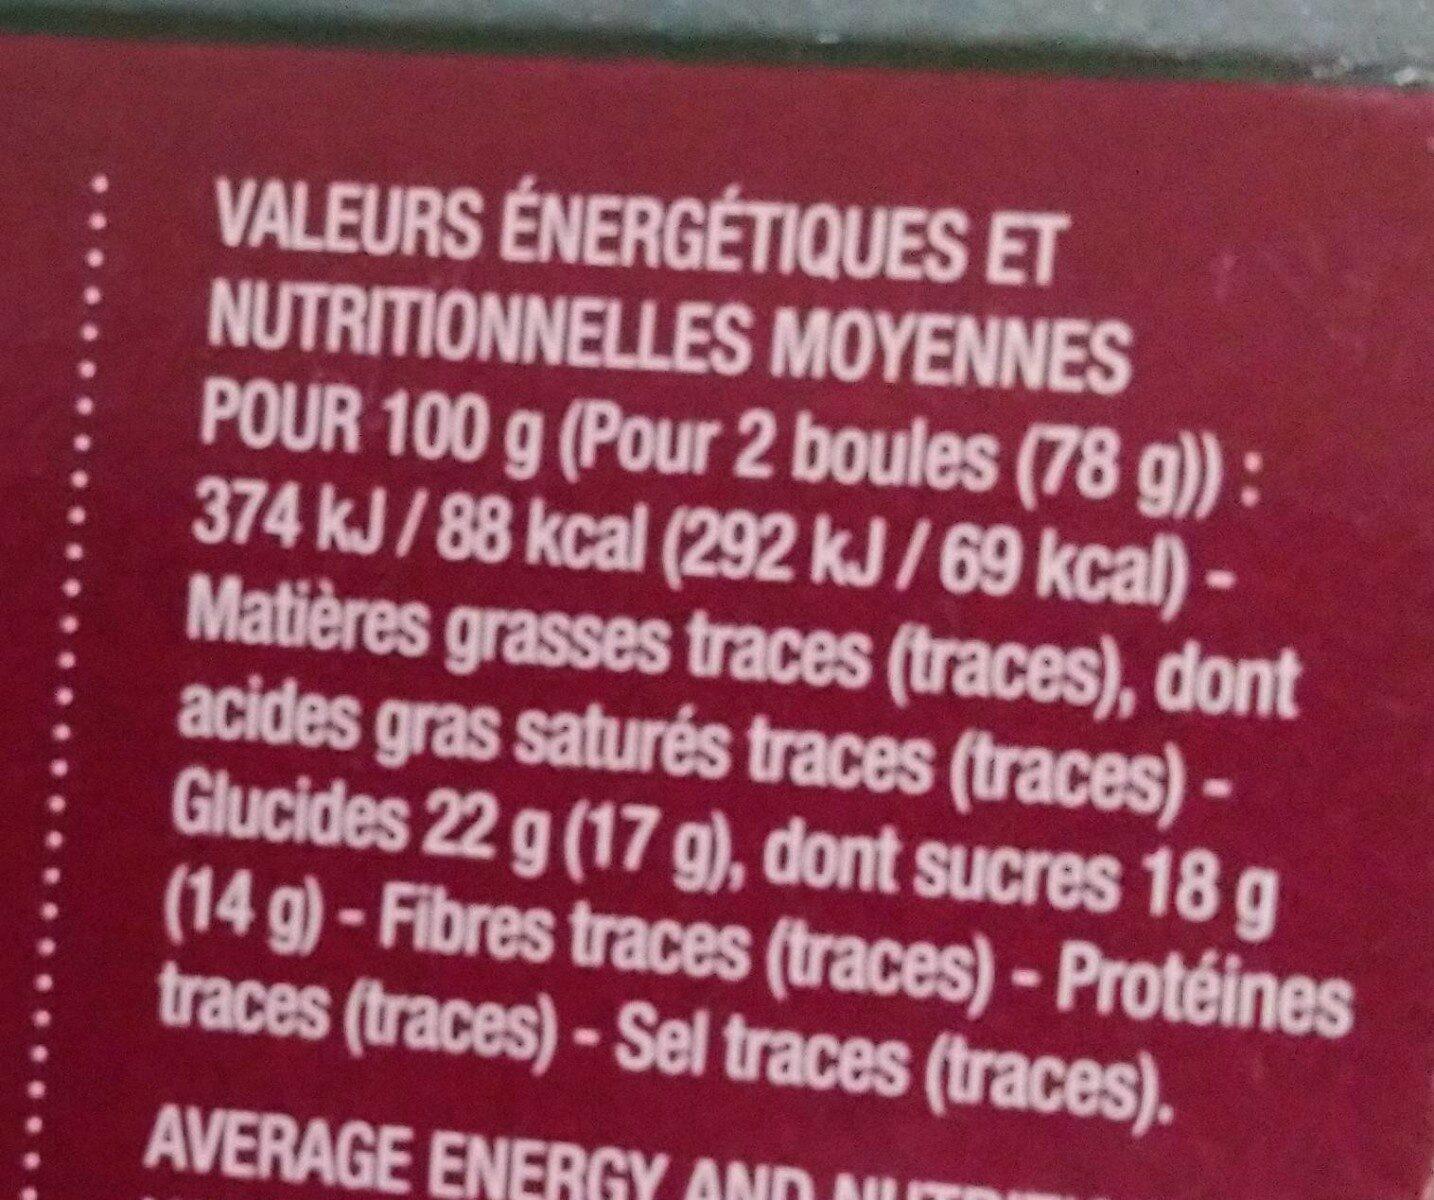 Sorbet plein fruit 60% cerise noire du Gard - Nutrition facts - fr